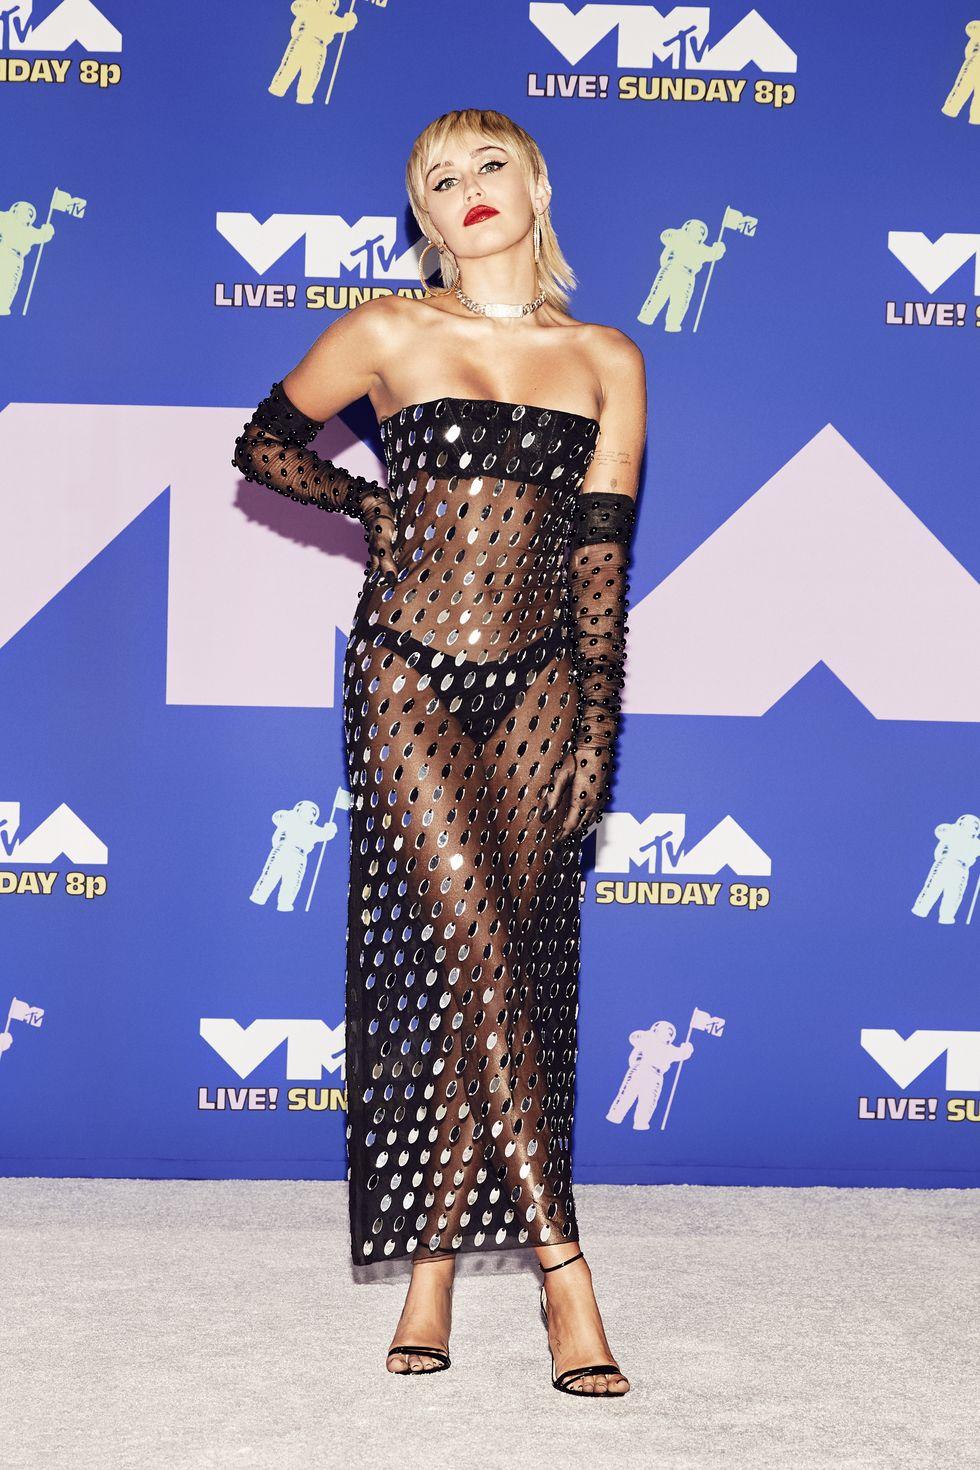 Miley Cyrus cùng trang phục xuyên thấu tại thảm đỏ VMAS 2020